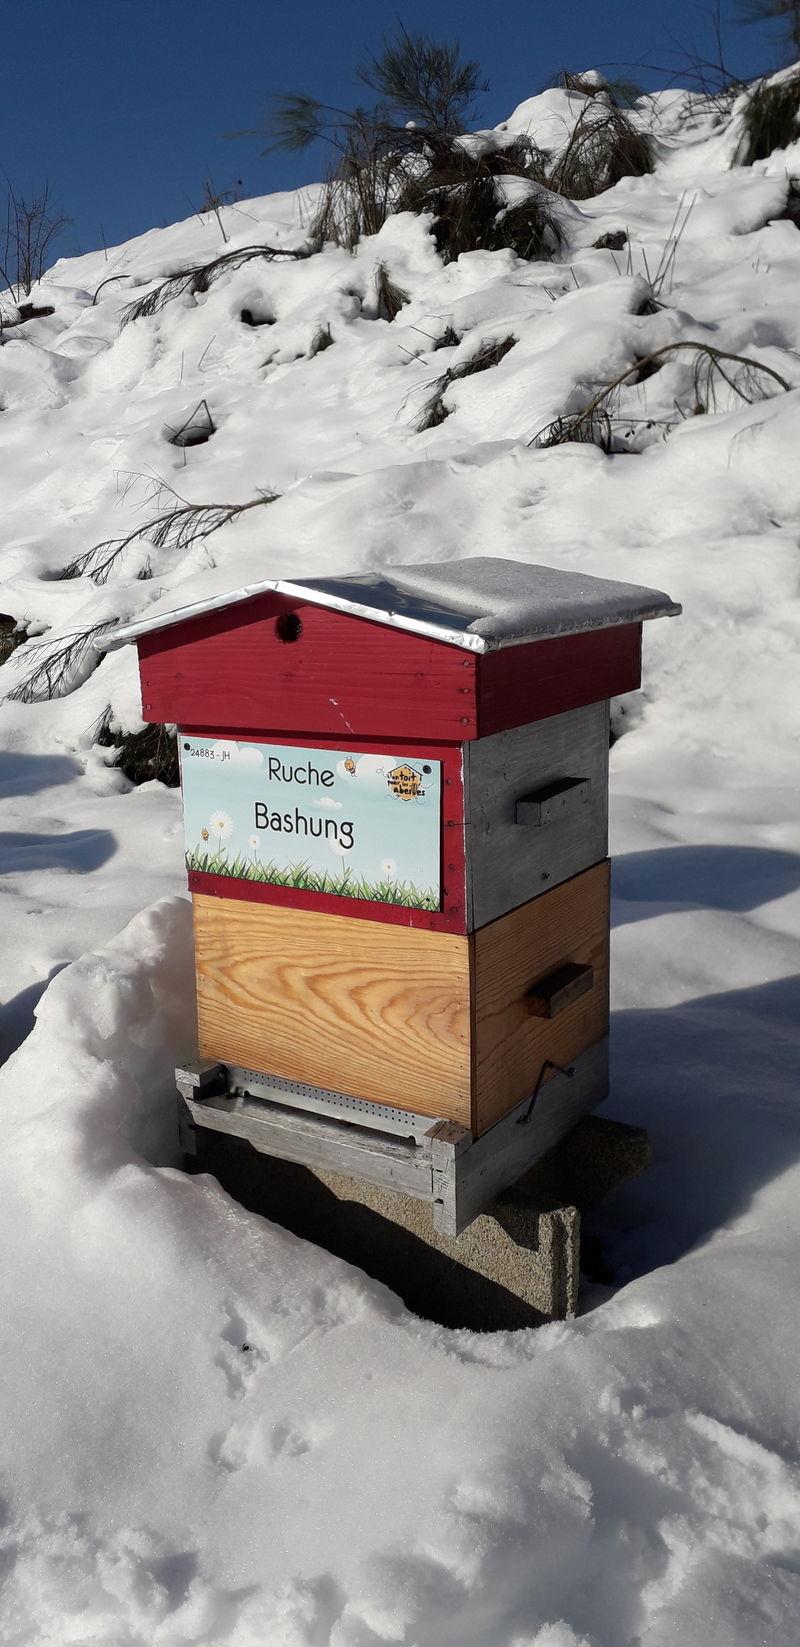 La ruche Bashung